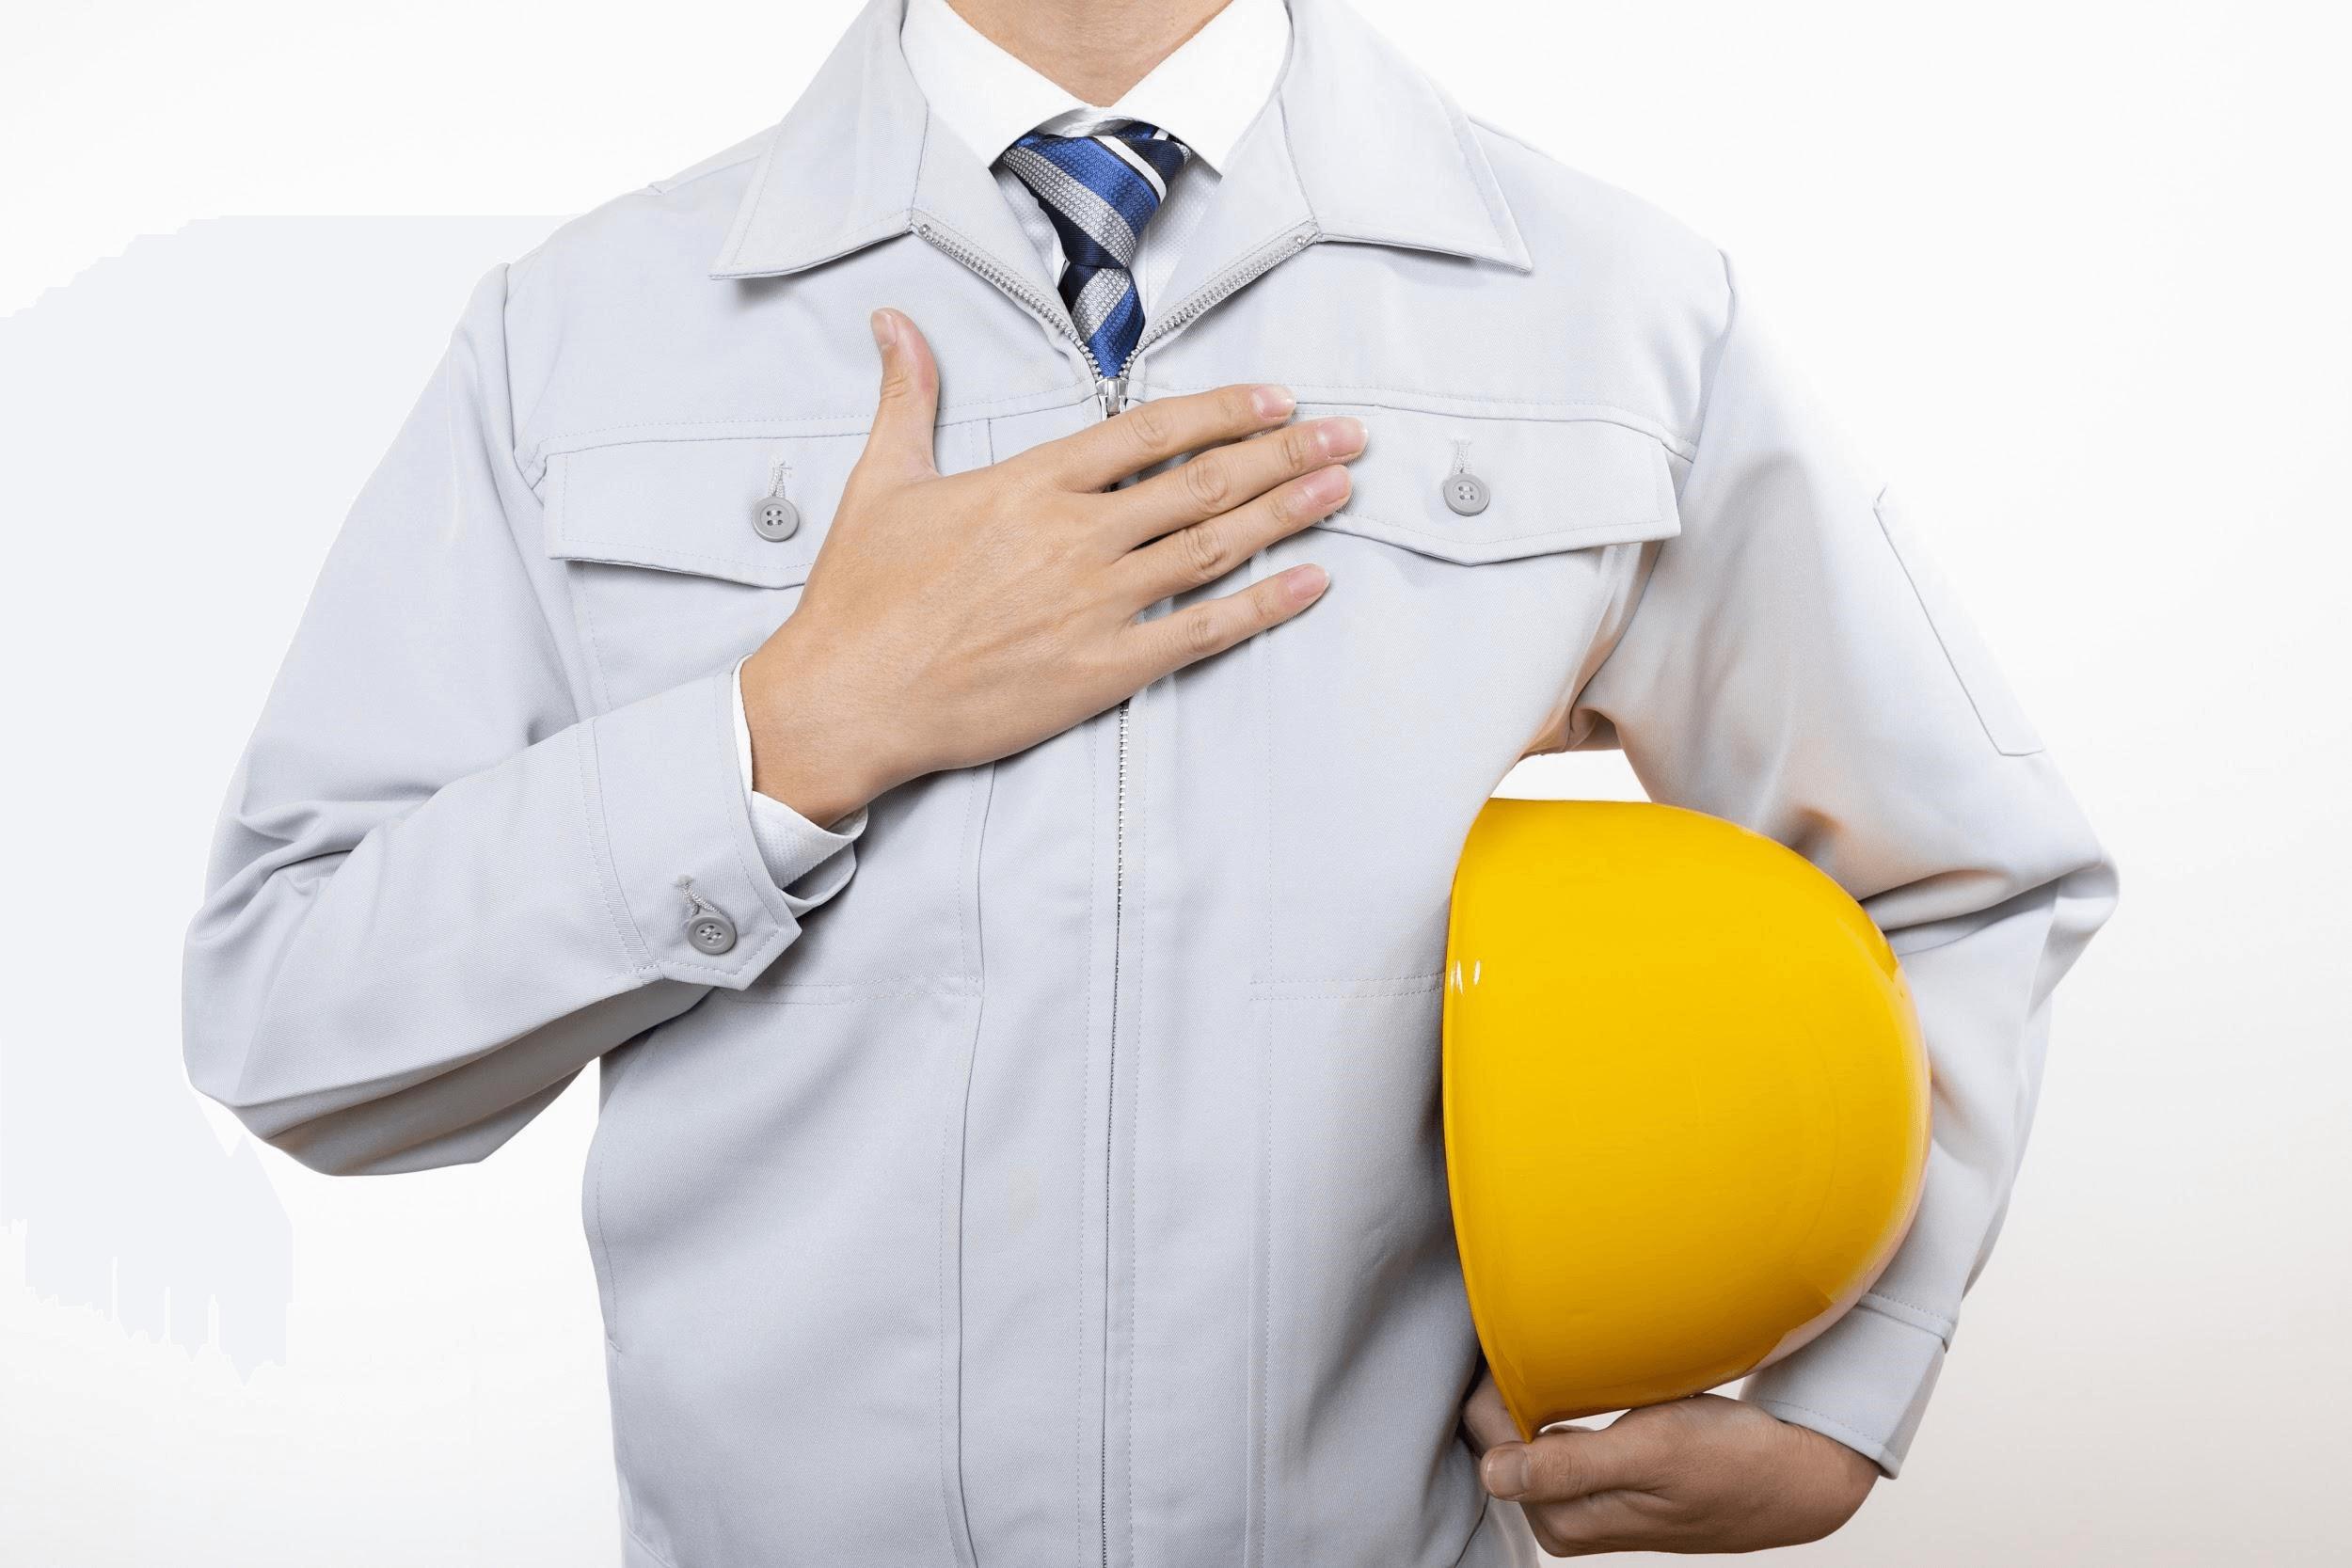 安心できる専門業者の選び方